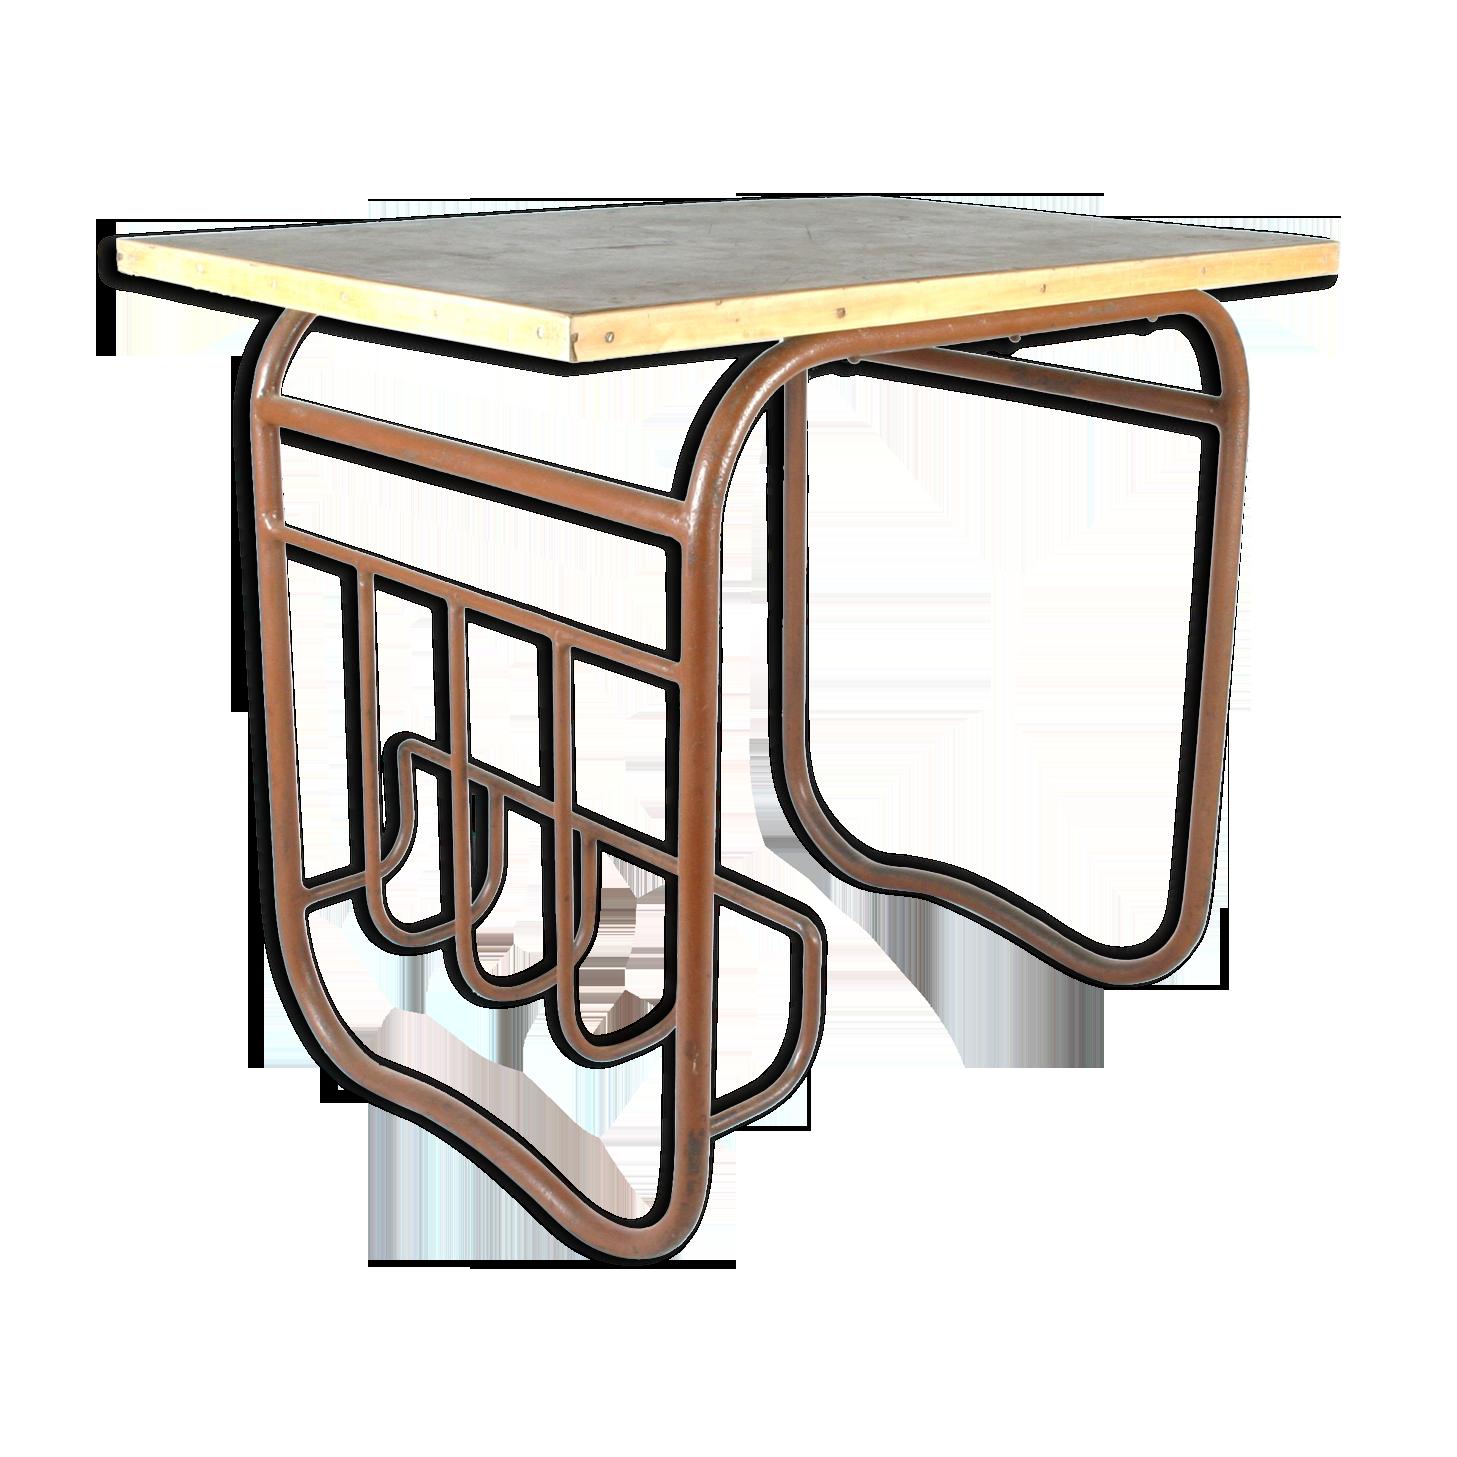 EBTOOLS Table pour Ordinateur /à roulettes Hauteur R/églable Table Roulant de Lit Canap/é pour Ordinateur Portable Table dappoint avec 4 roulettes Verrouillables pour Bureau Chambre Salon Noire